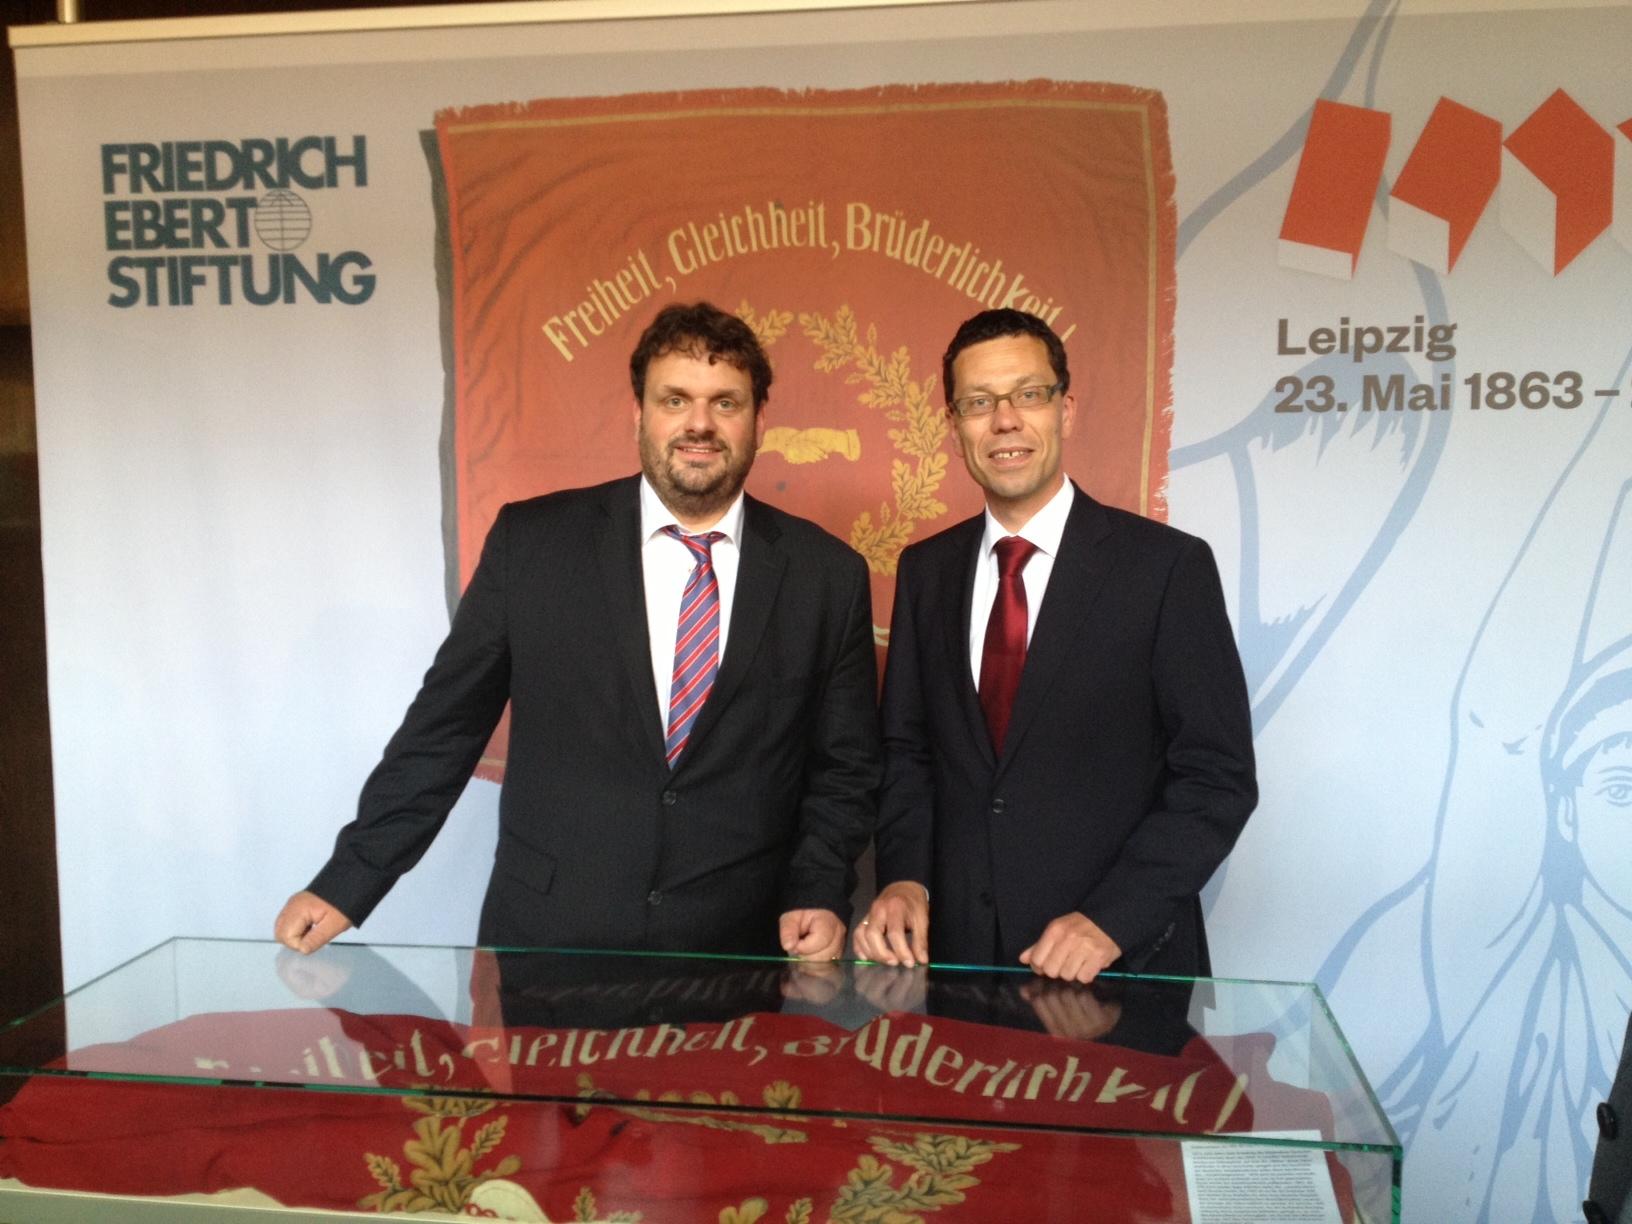 Guido van den Berg MdL und Dierk Timm mit der Orginal-Traditionsfahne der SPD, Leipzig 2013